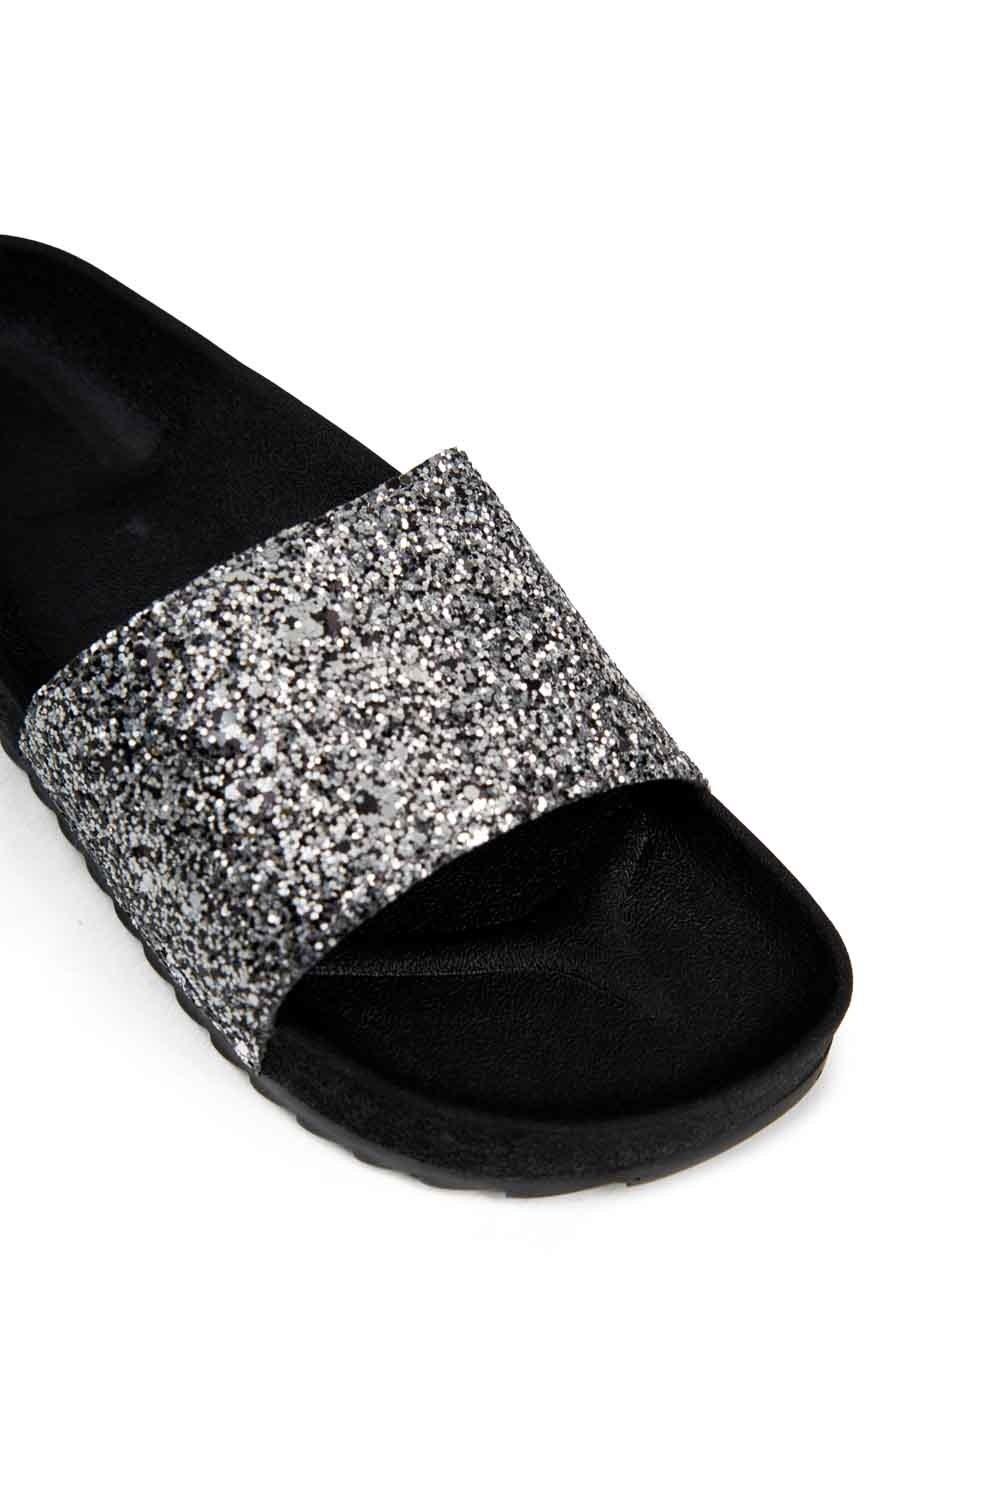 Soft Sole Slippers (Platinum Sequin) (1)